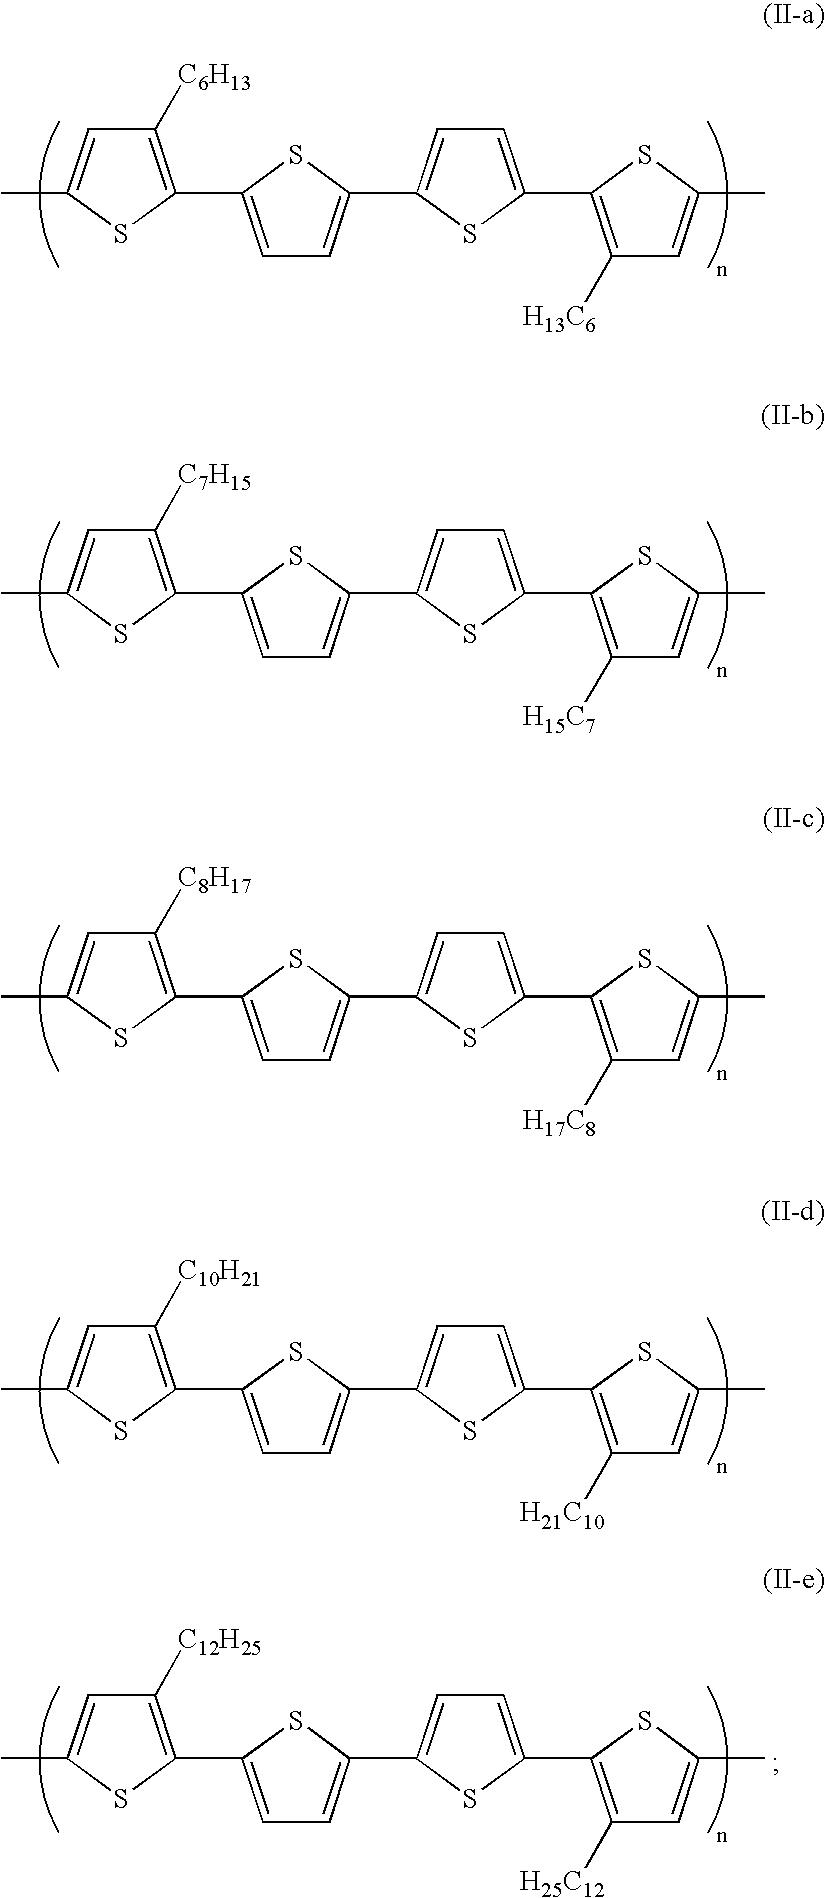 Figure US20070117963A1-20070524-C00016